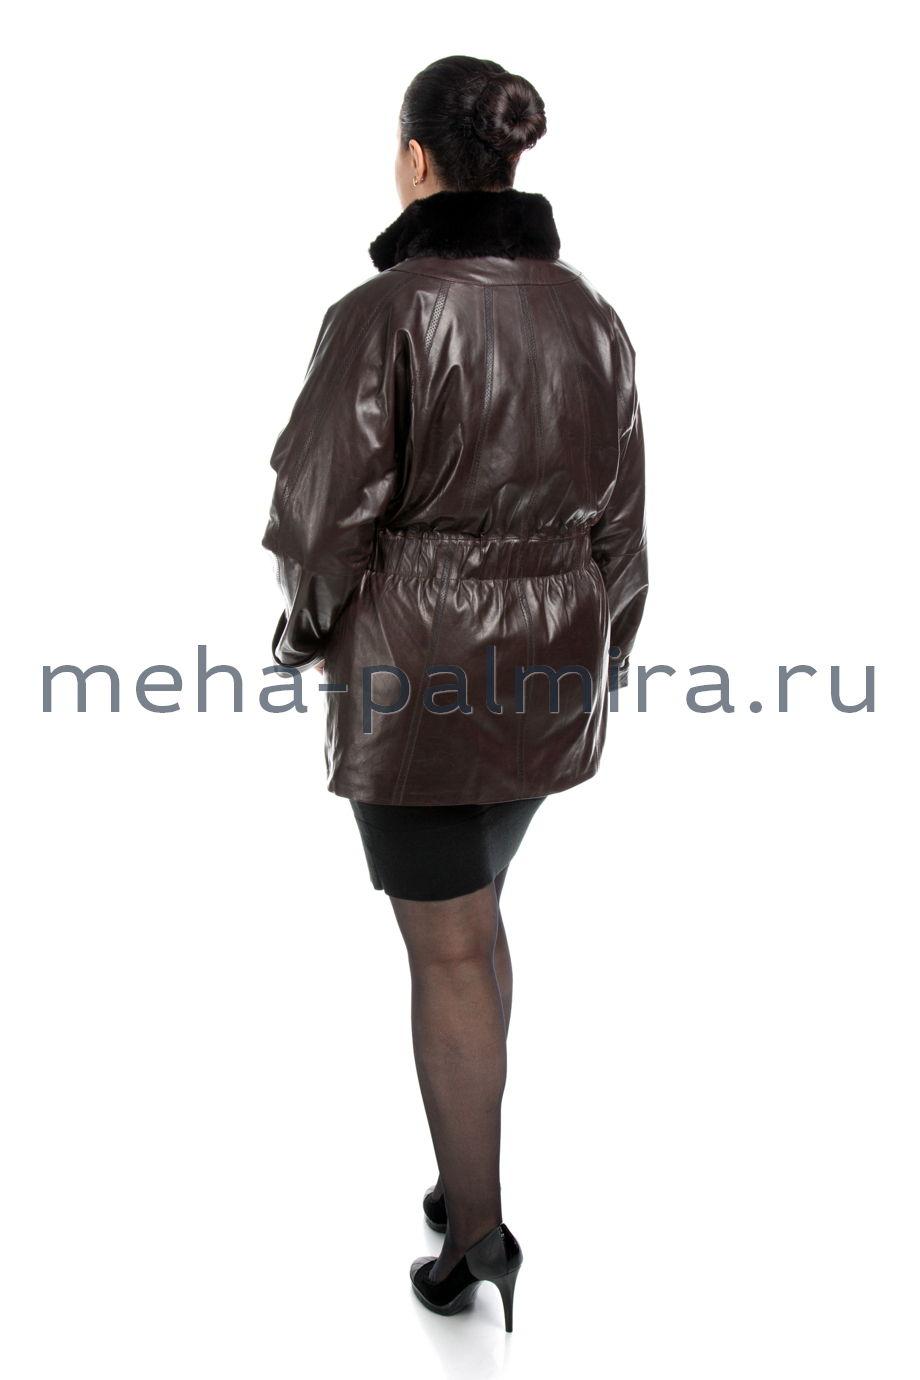 Удлиненная кожаная  куртка коричневого цвета на молнии для женщин